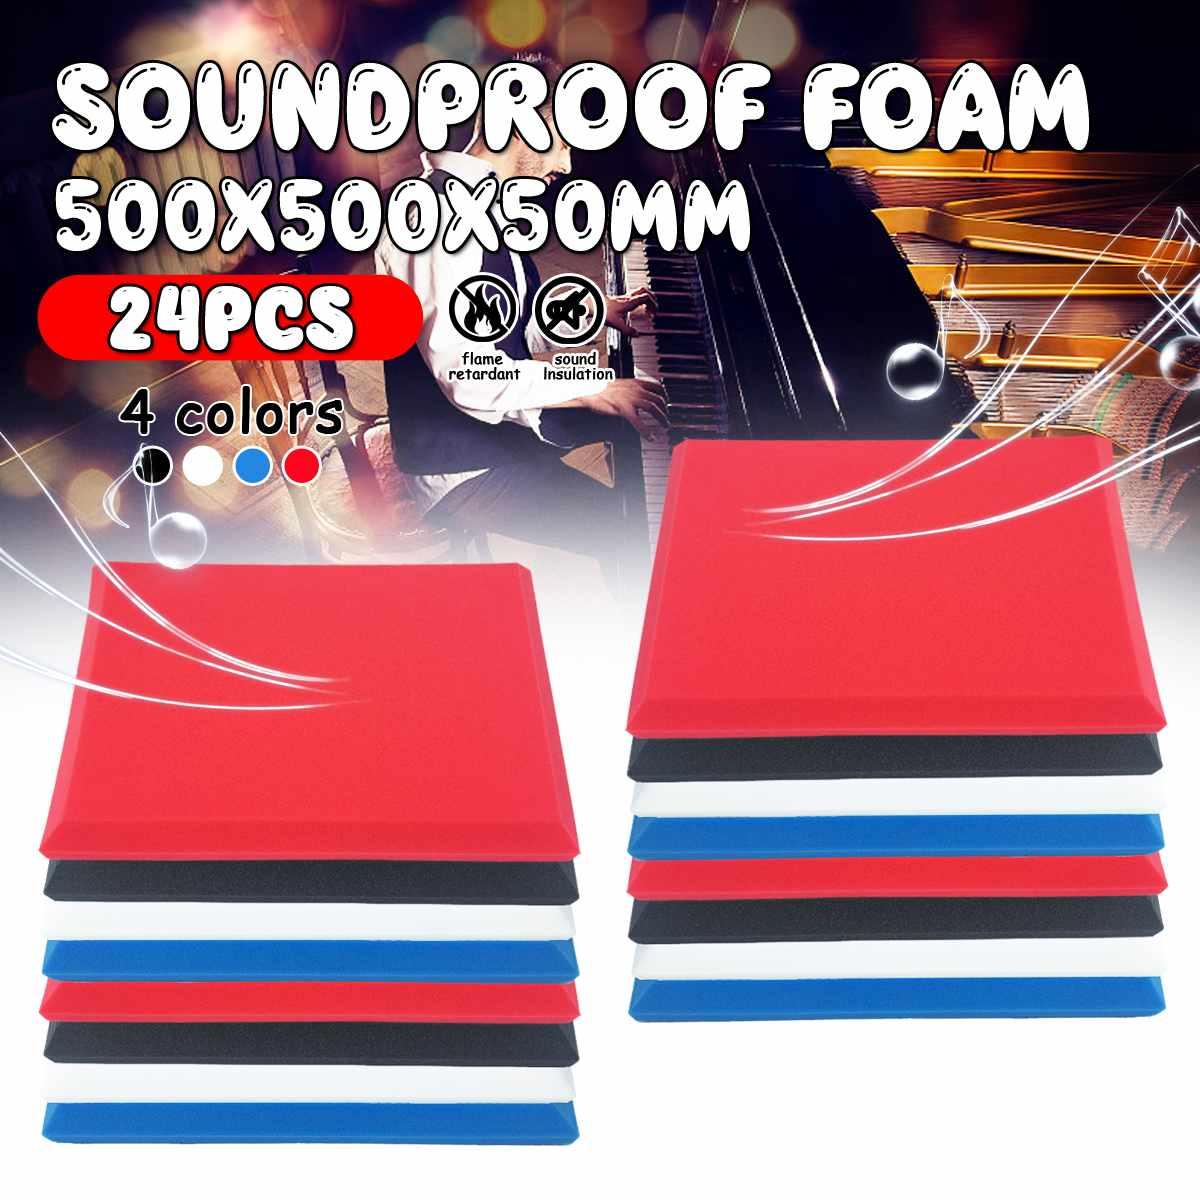 24PCs 50x50x5cm Studio Acoustic Soundproof Foam Sound Absorption Treatment Panel Tile Wedge Protective Sponge 4 Colors